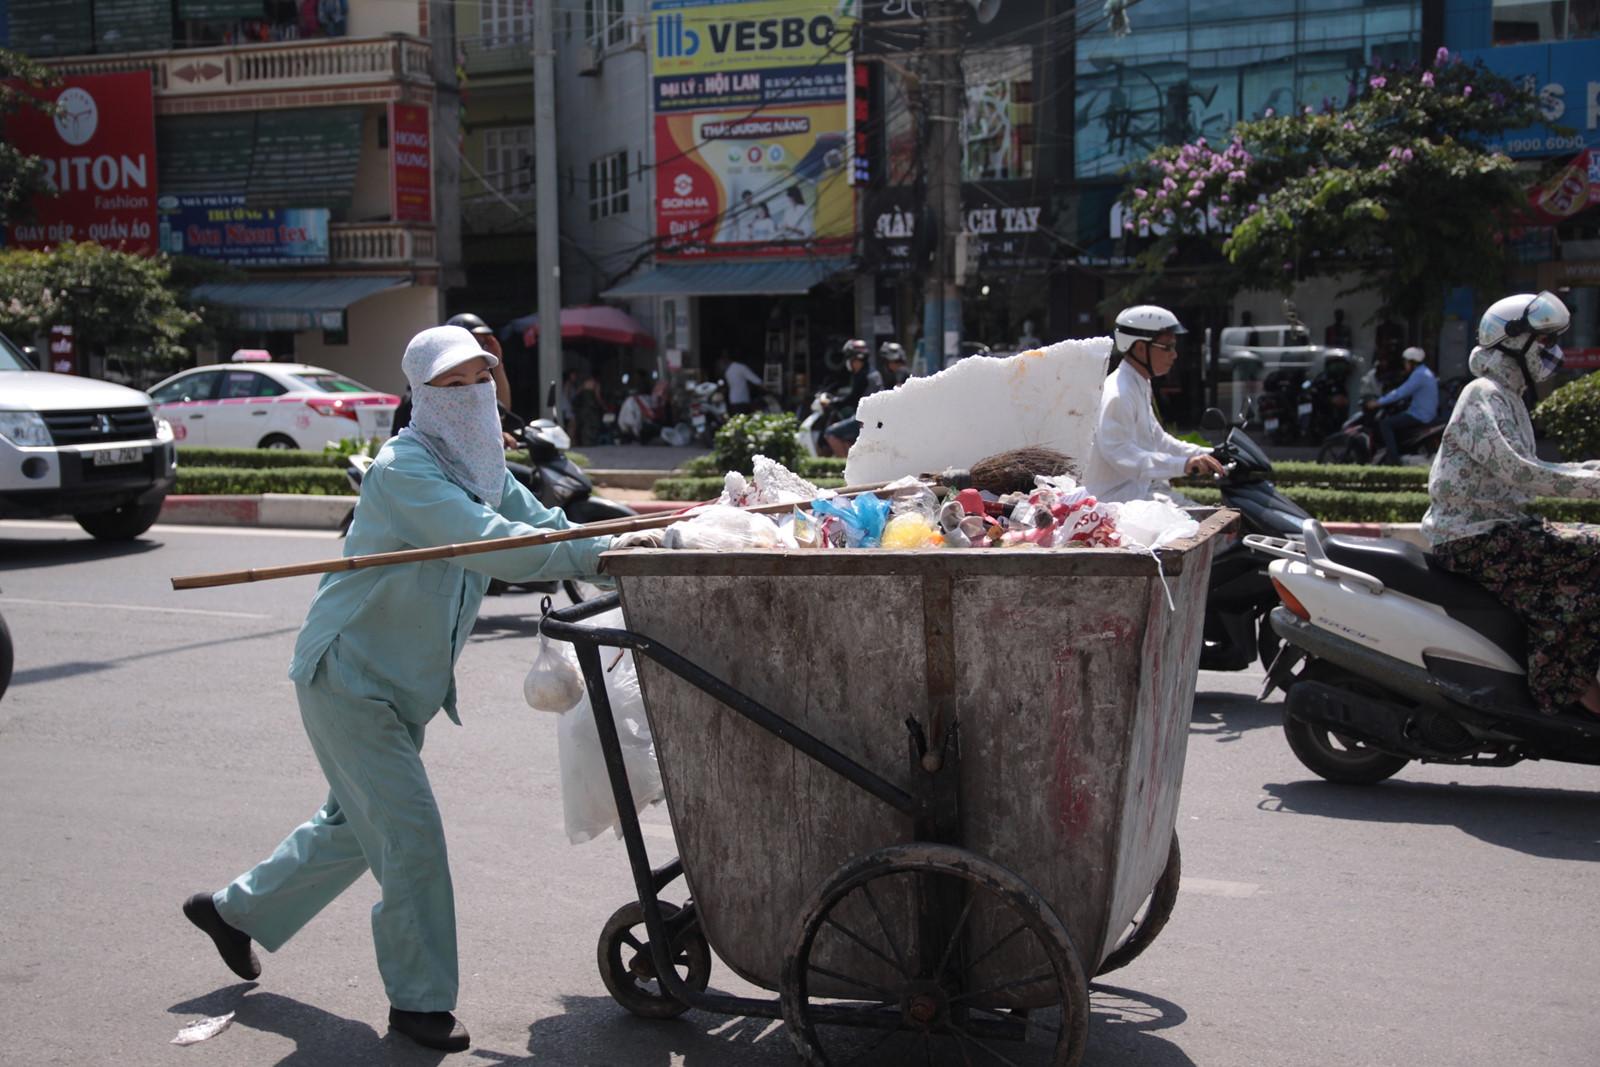 Xót cảnh người lao động nghèo oằn mình mưu sinh dưới cái nắng hơn 40 độ ở Hà Nội - Ảnh 8